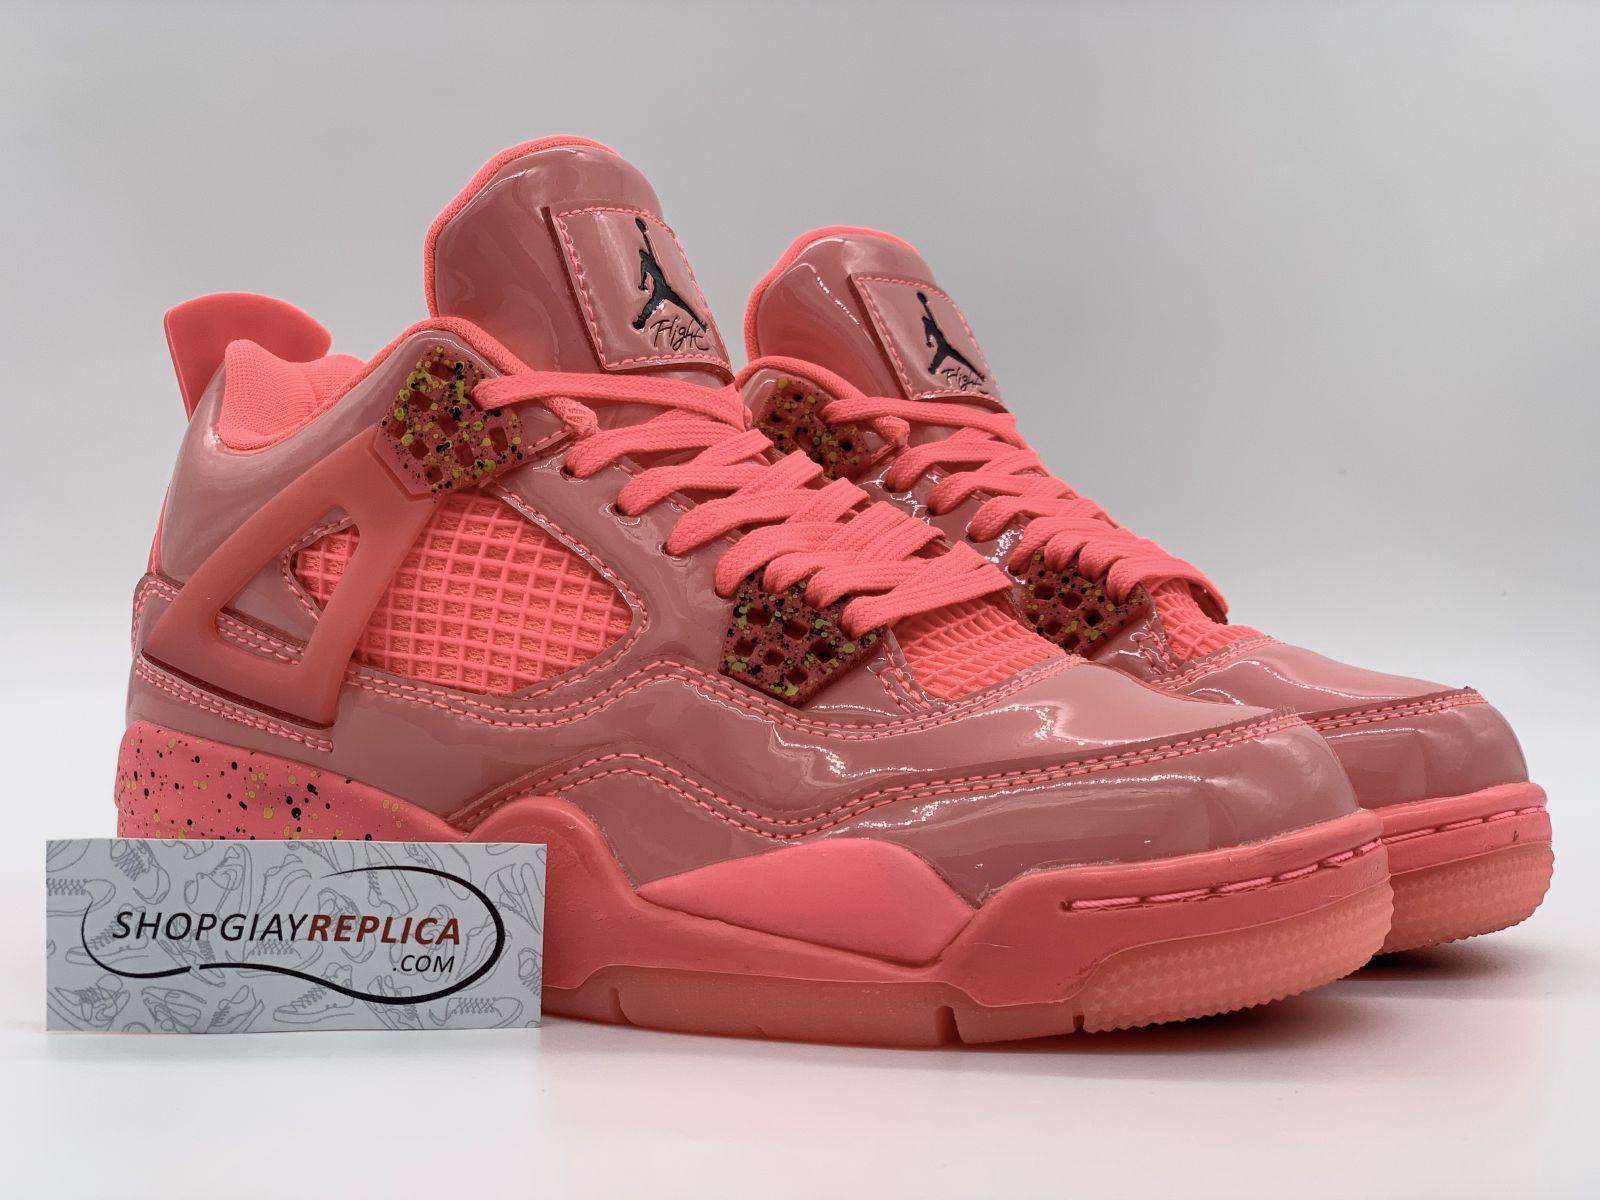 Giày Nike Air Jordan 4 Retro Hot Punch Rep 11